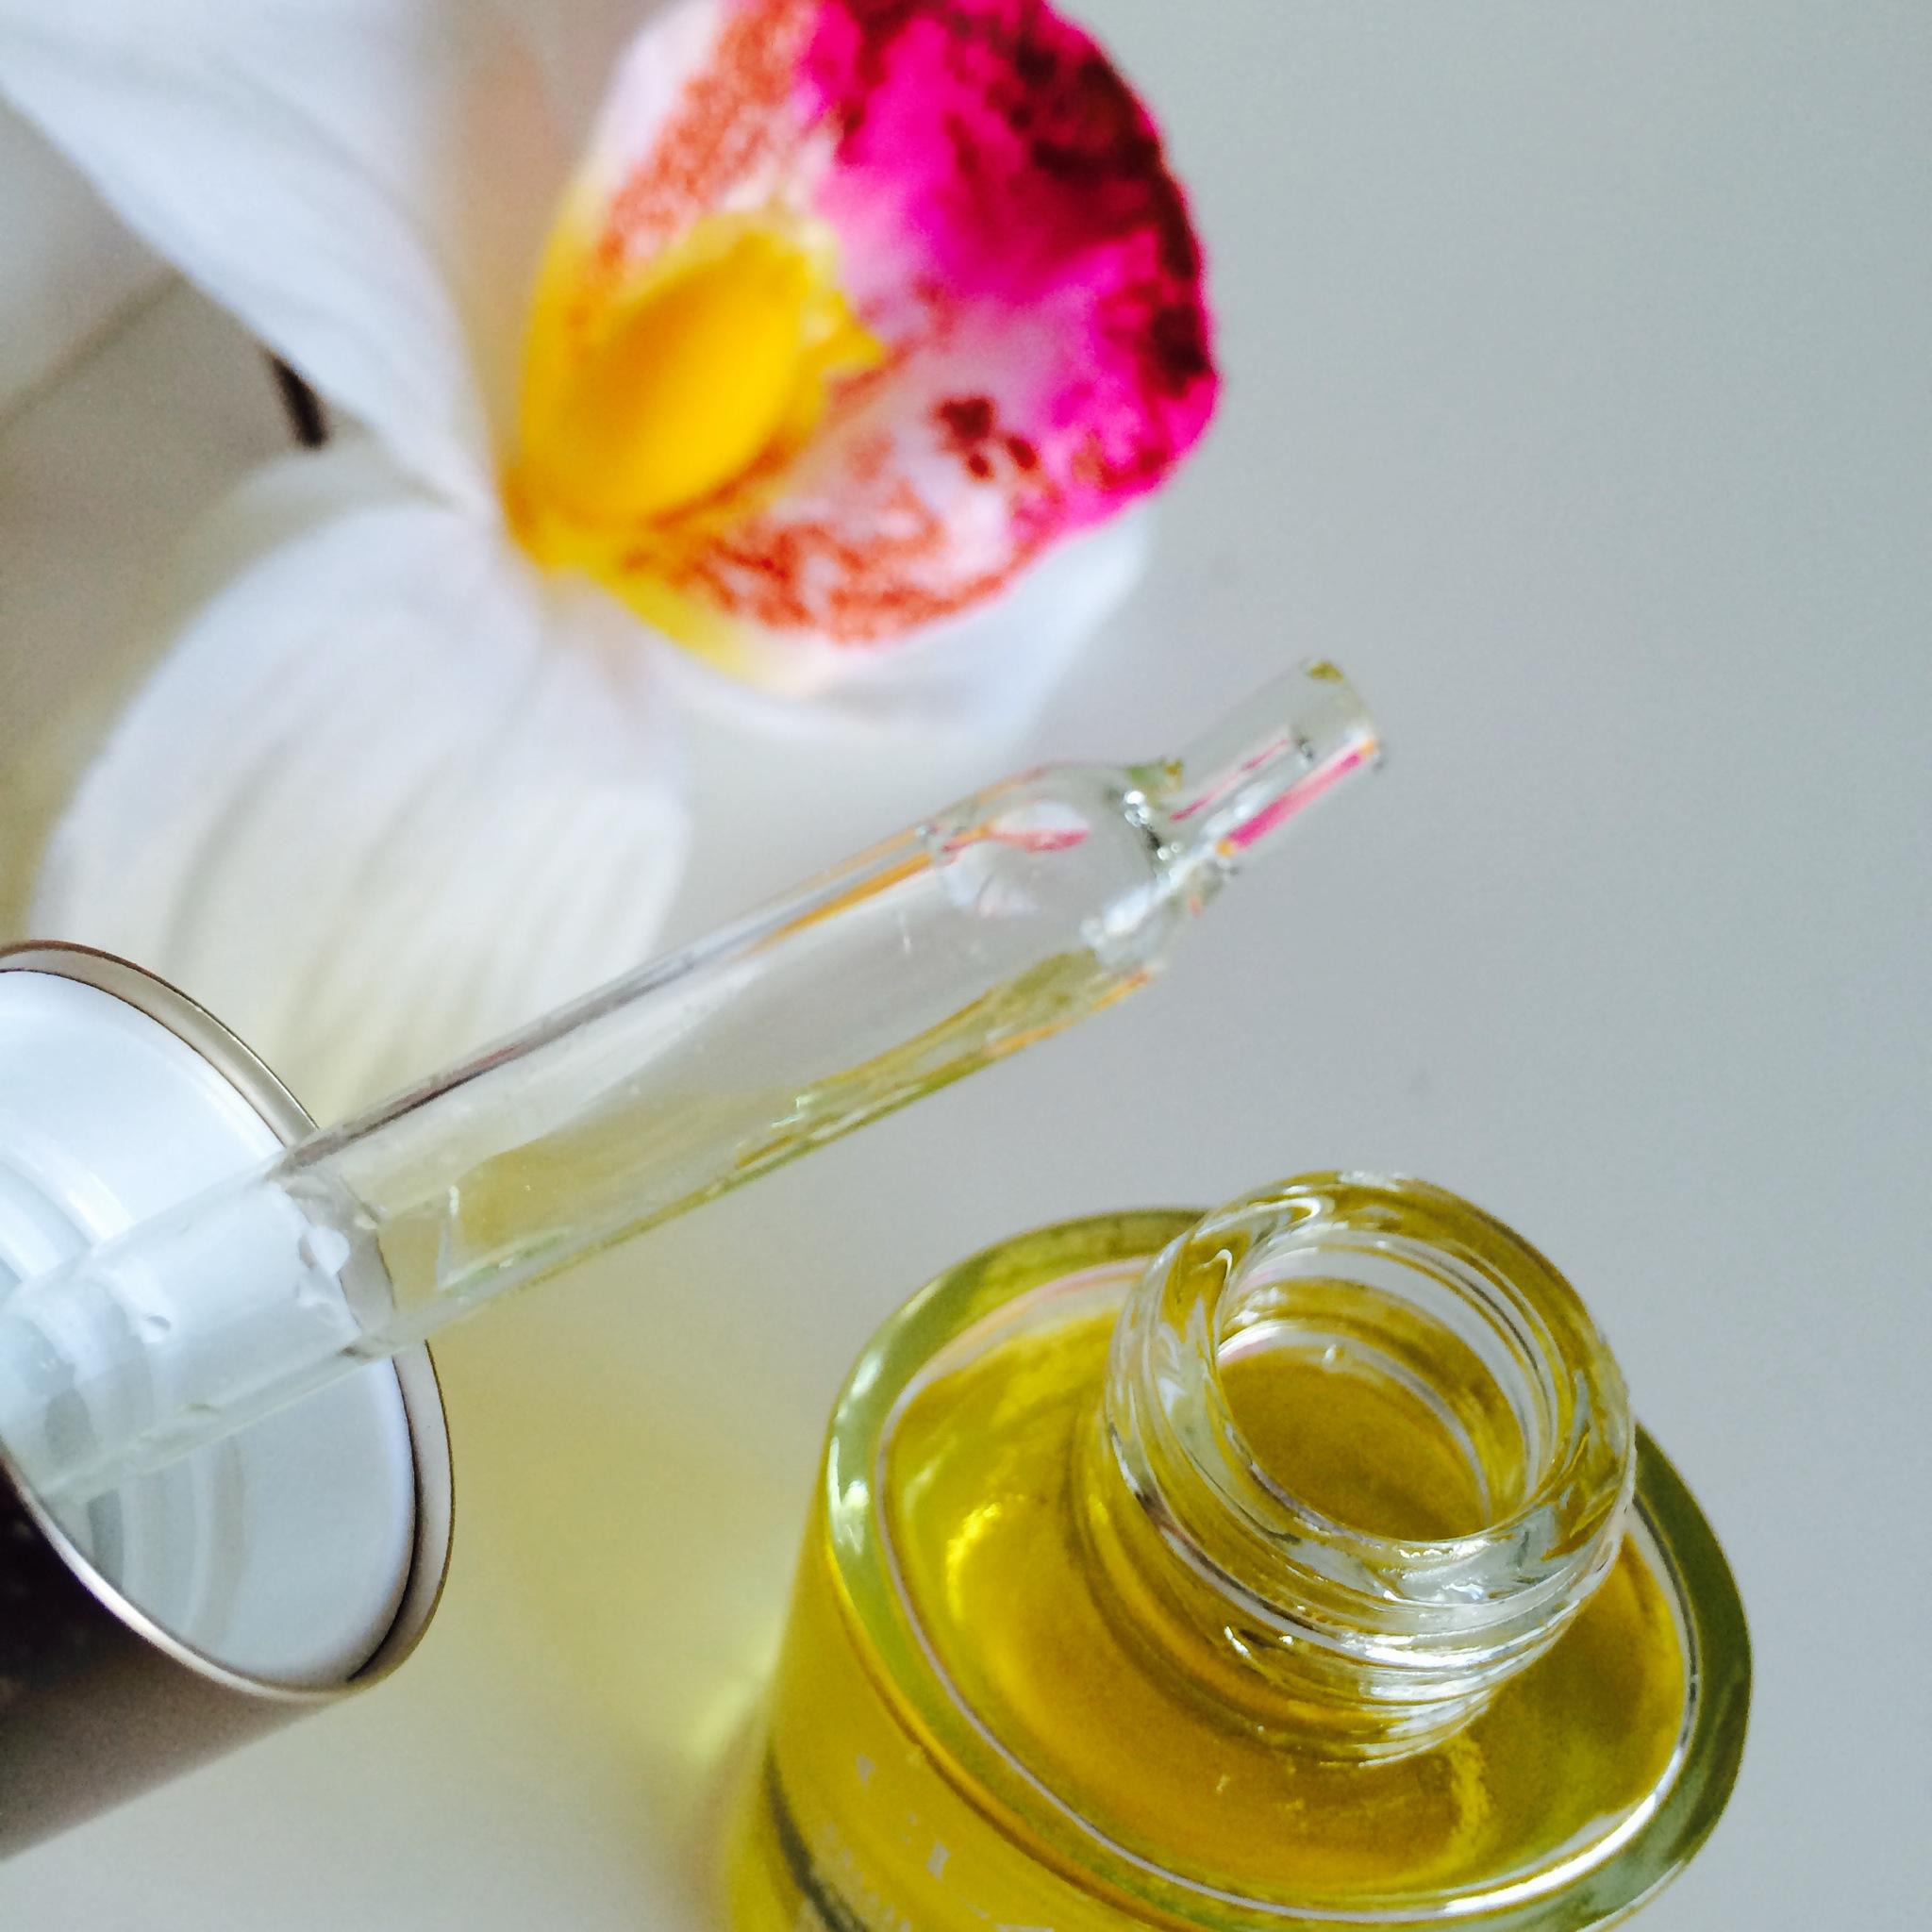 Huile orchidée Bleue - Clarins - Test produit - needs and moods